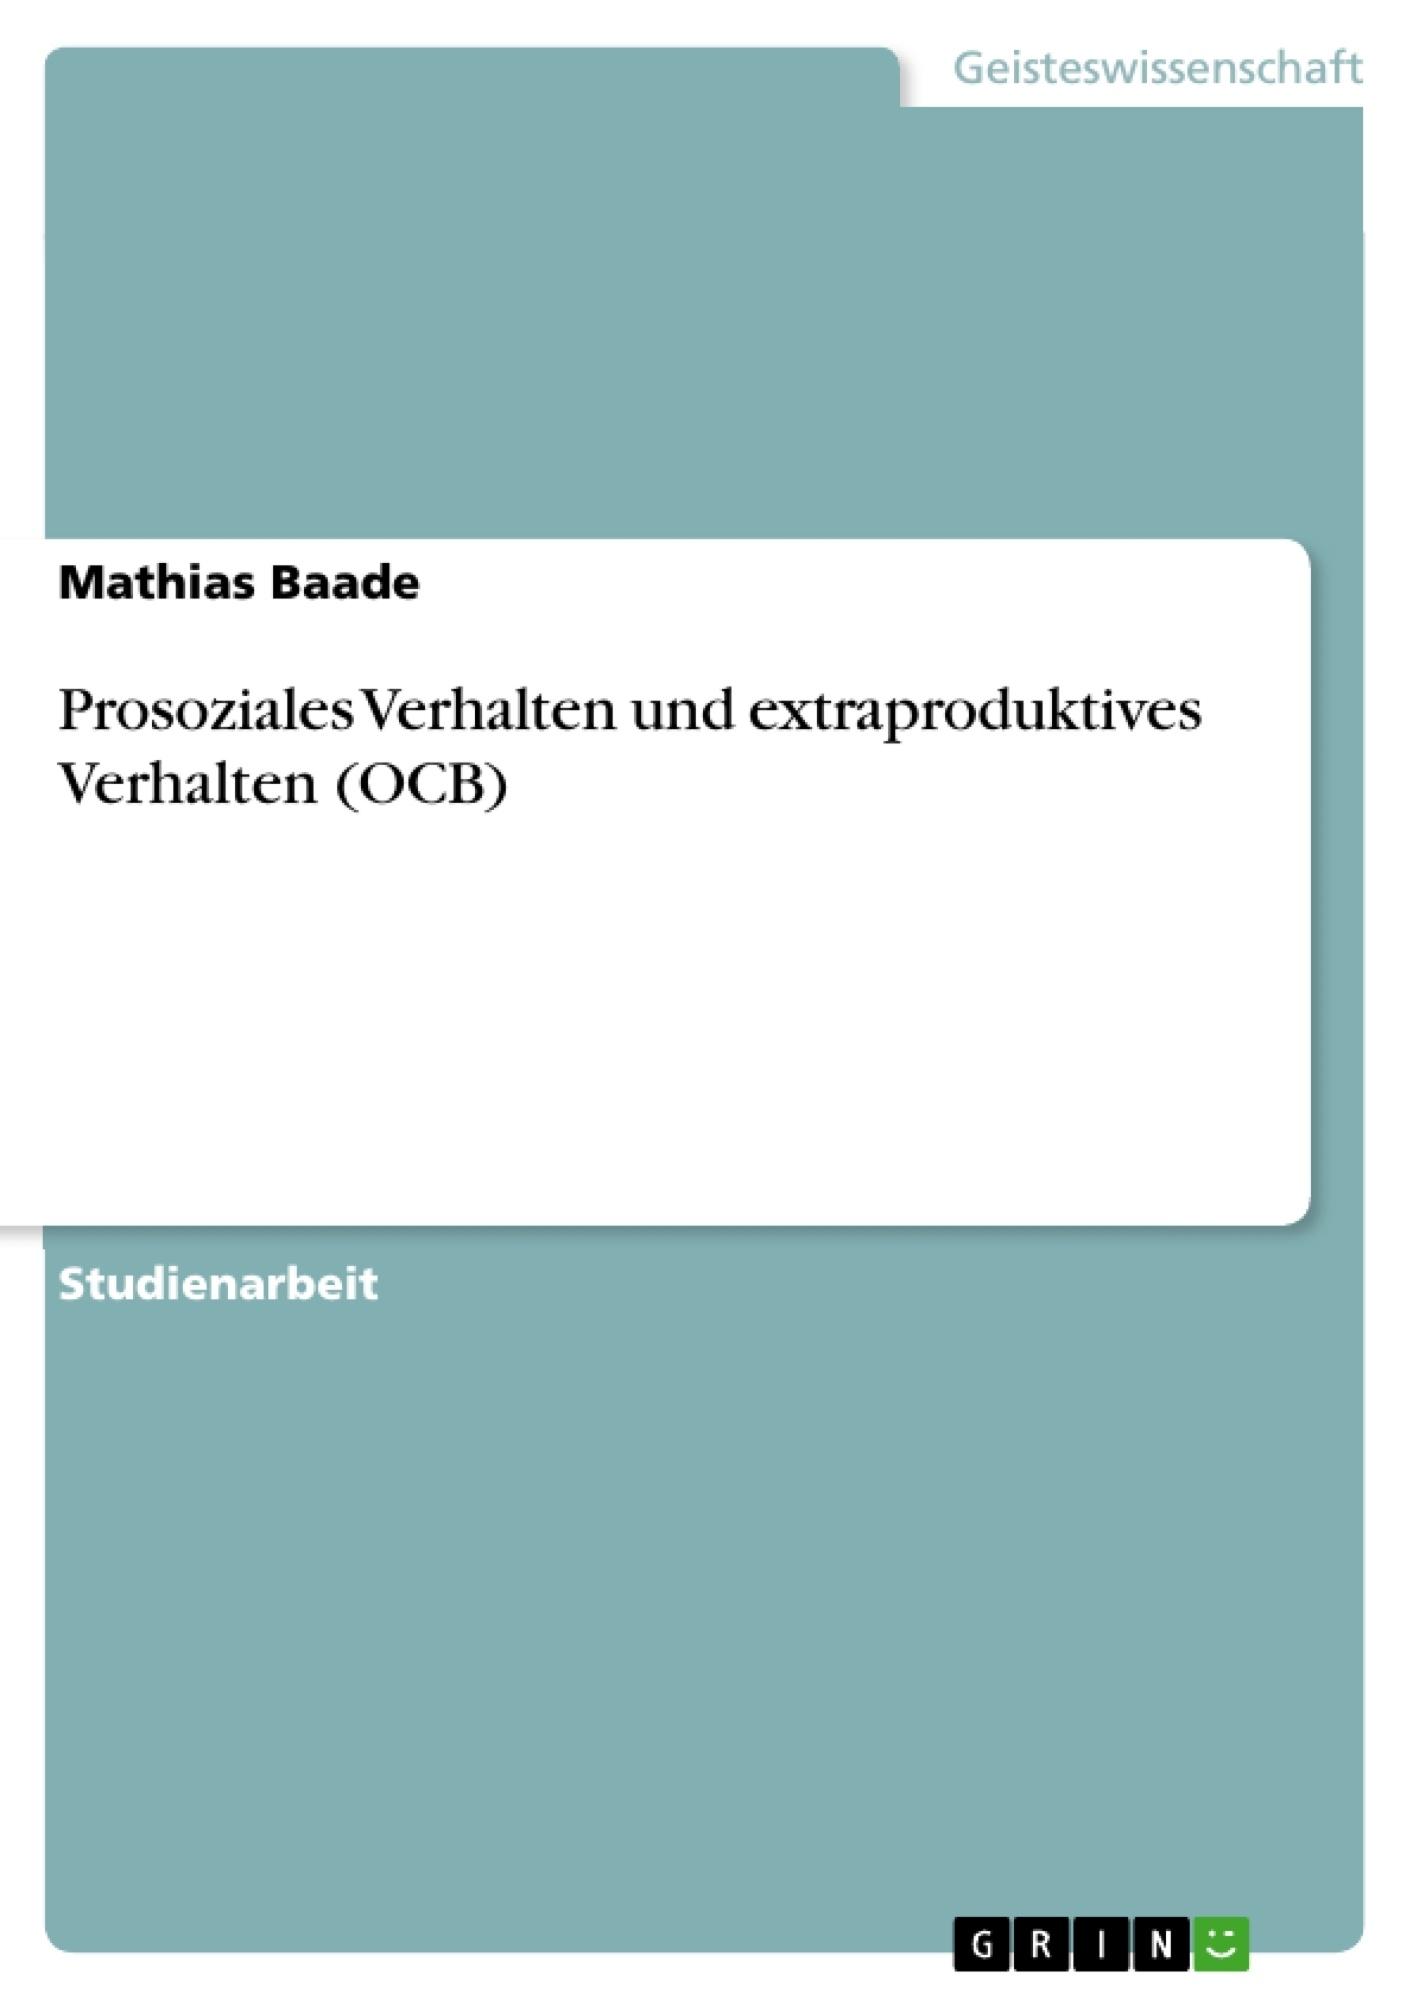 Titel: Prosoziales Verhalten und extraproduktives Verhalten (OCB)